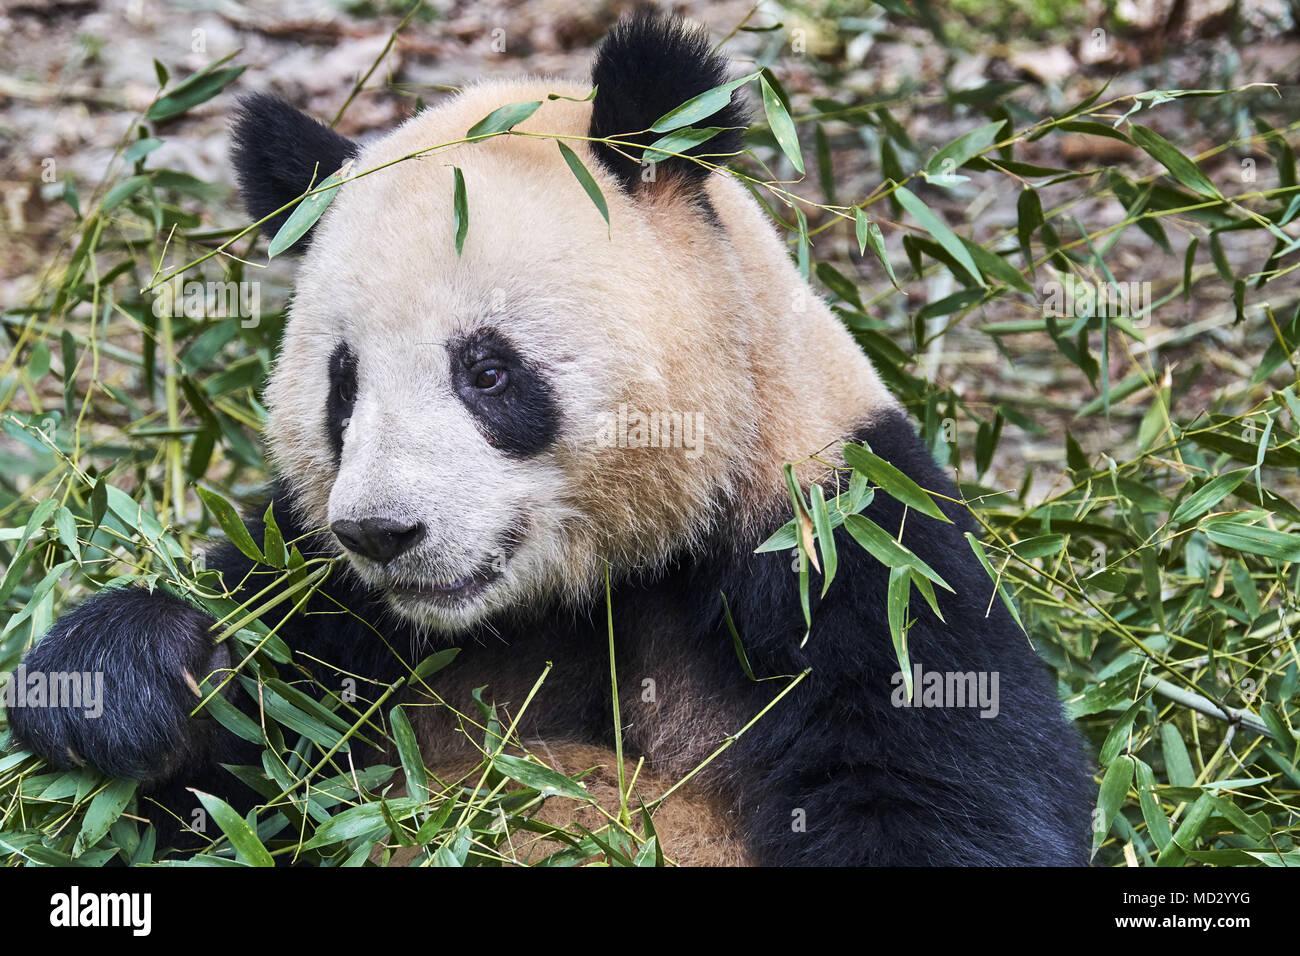 China, en la provincia de Sichuan, Chengdu, Chengdu panda gigante en el centro de investigación de cría Imagen De Stock